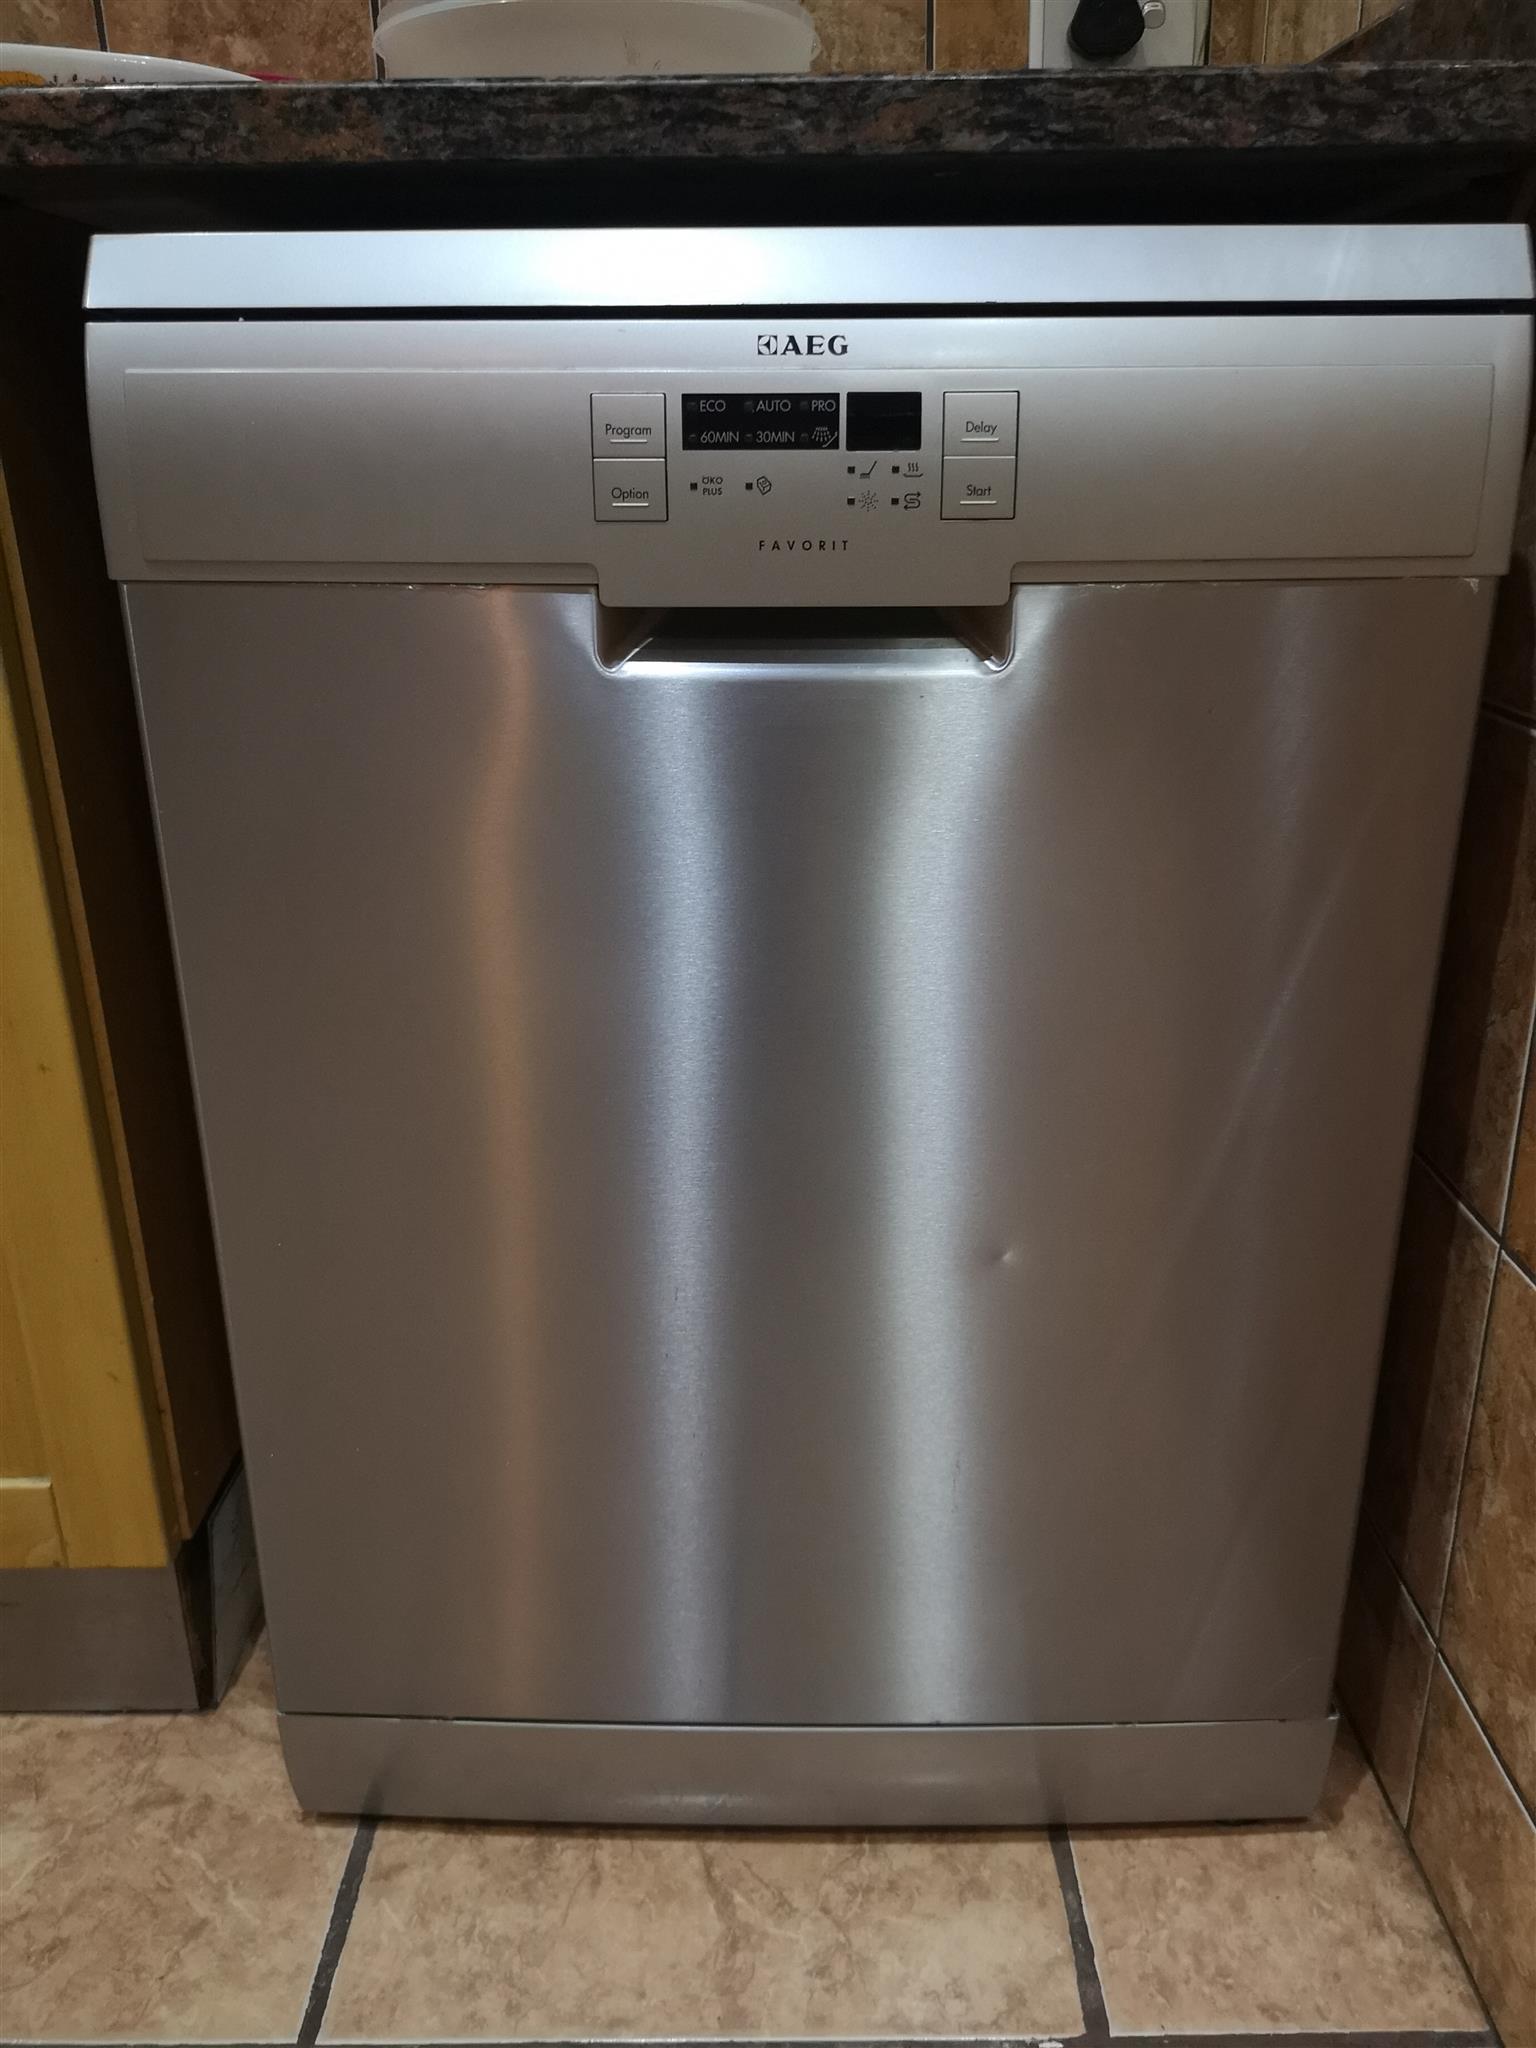 Aeg Dishwasher Still New Junk Mail